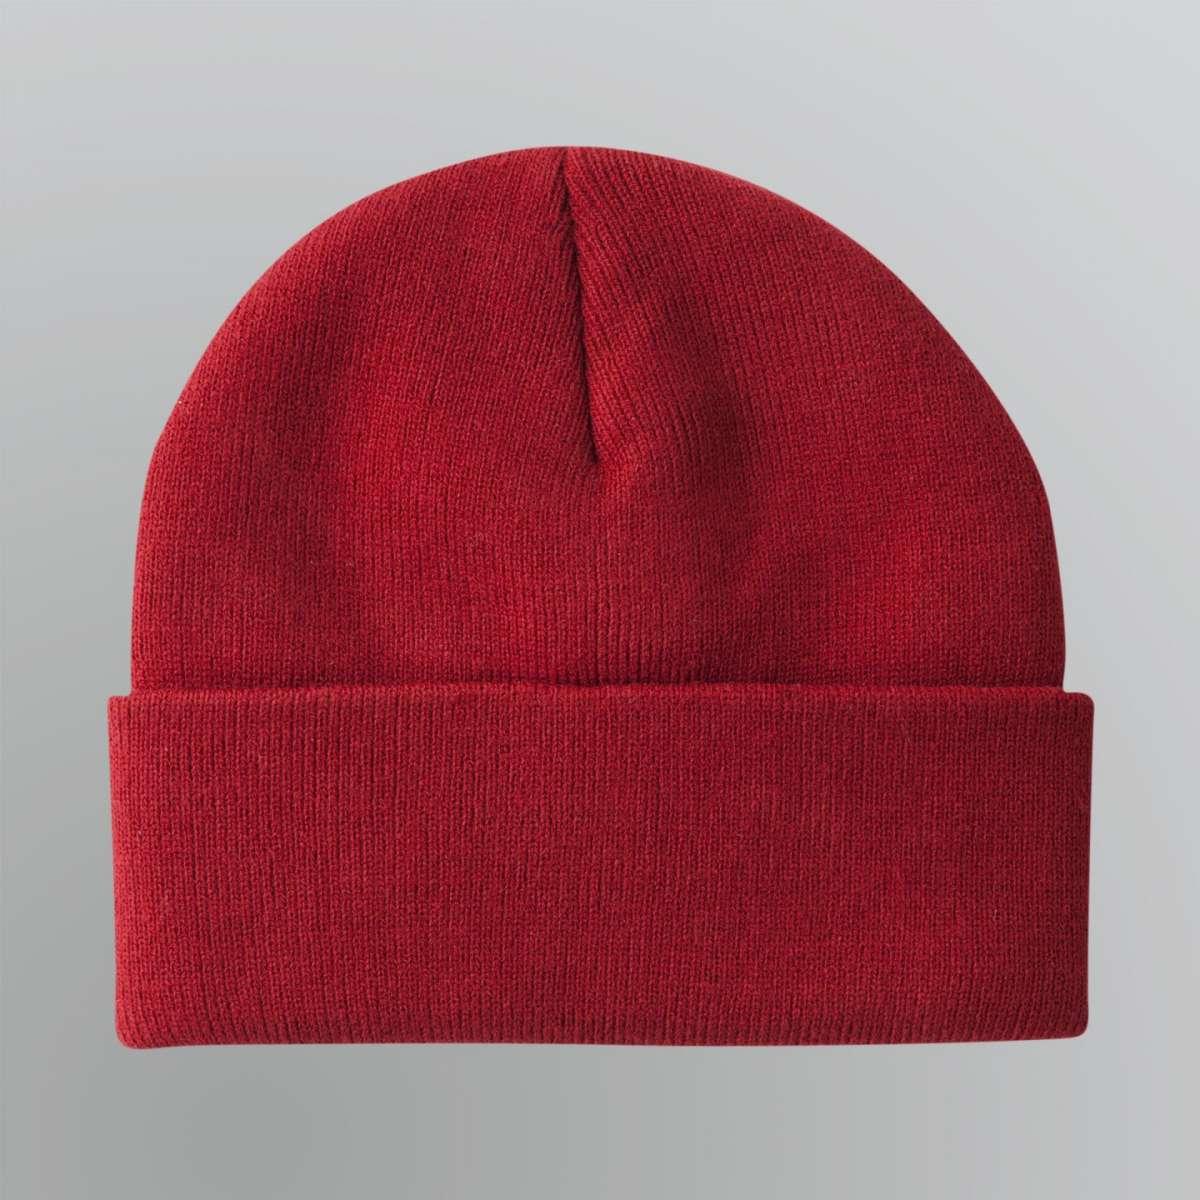 Cappello rosso con risvolto